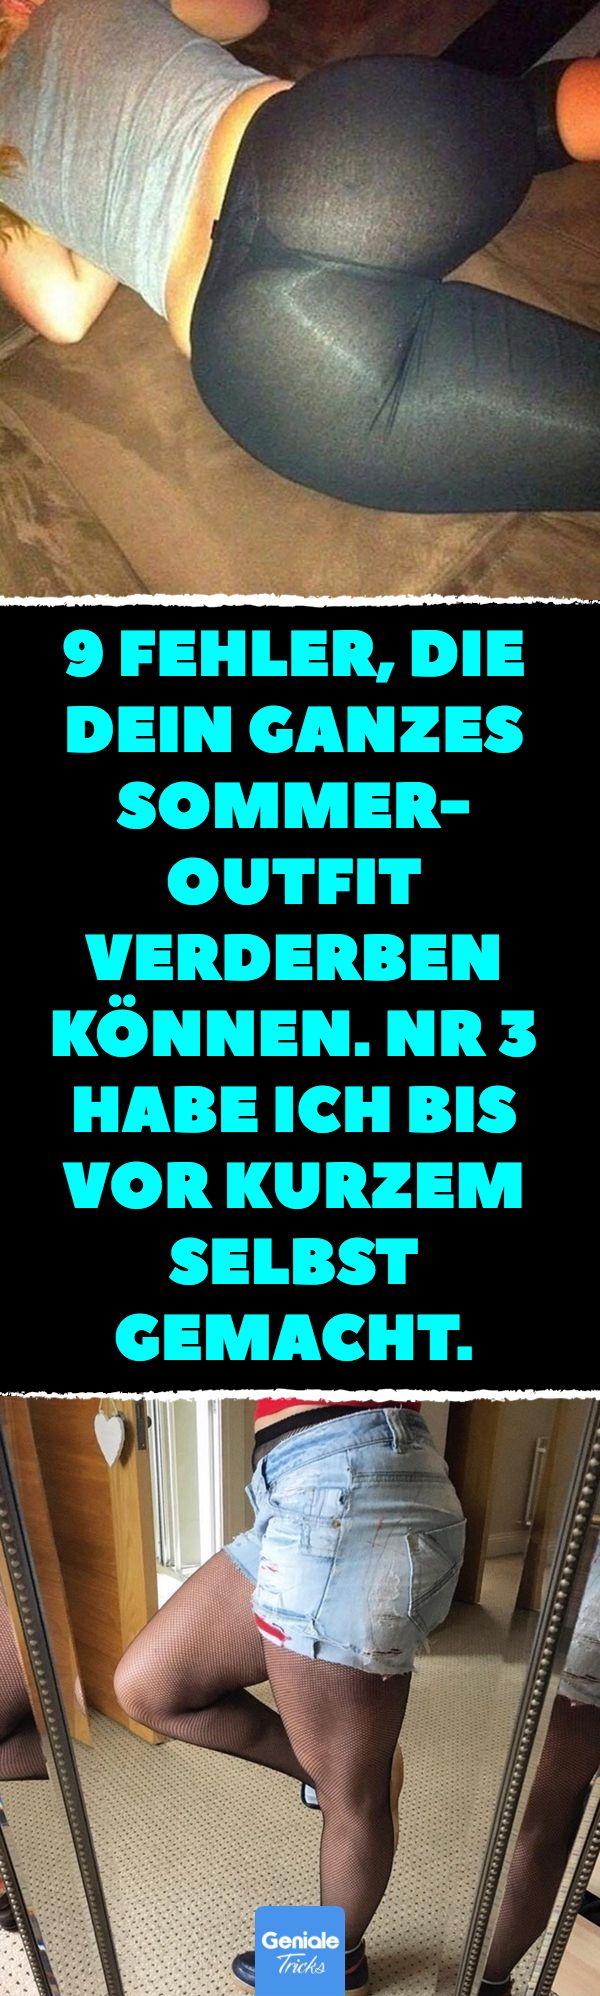 9 Fehler, die dein ganzes Sommer-Outfit verderben können. Nr 3 habe ich bis vor kurzem selbst gemacht. Diese 9 Outfit-Fehler solltest du im Sommer vermeiden. #Kleidungsstücke #Outfit-Fehler #Sommer #Styling